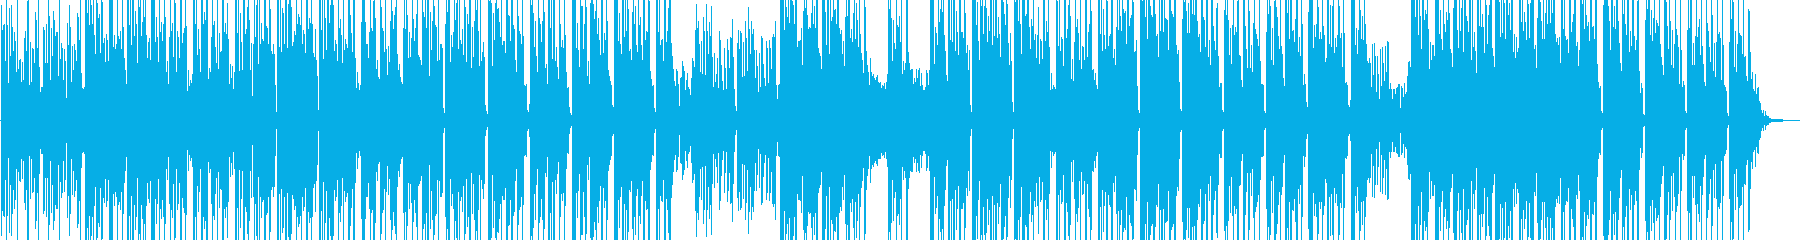 砂漠を感じるクールなエスニックBGM Bの再生済みの波形